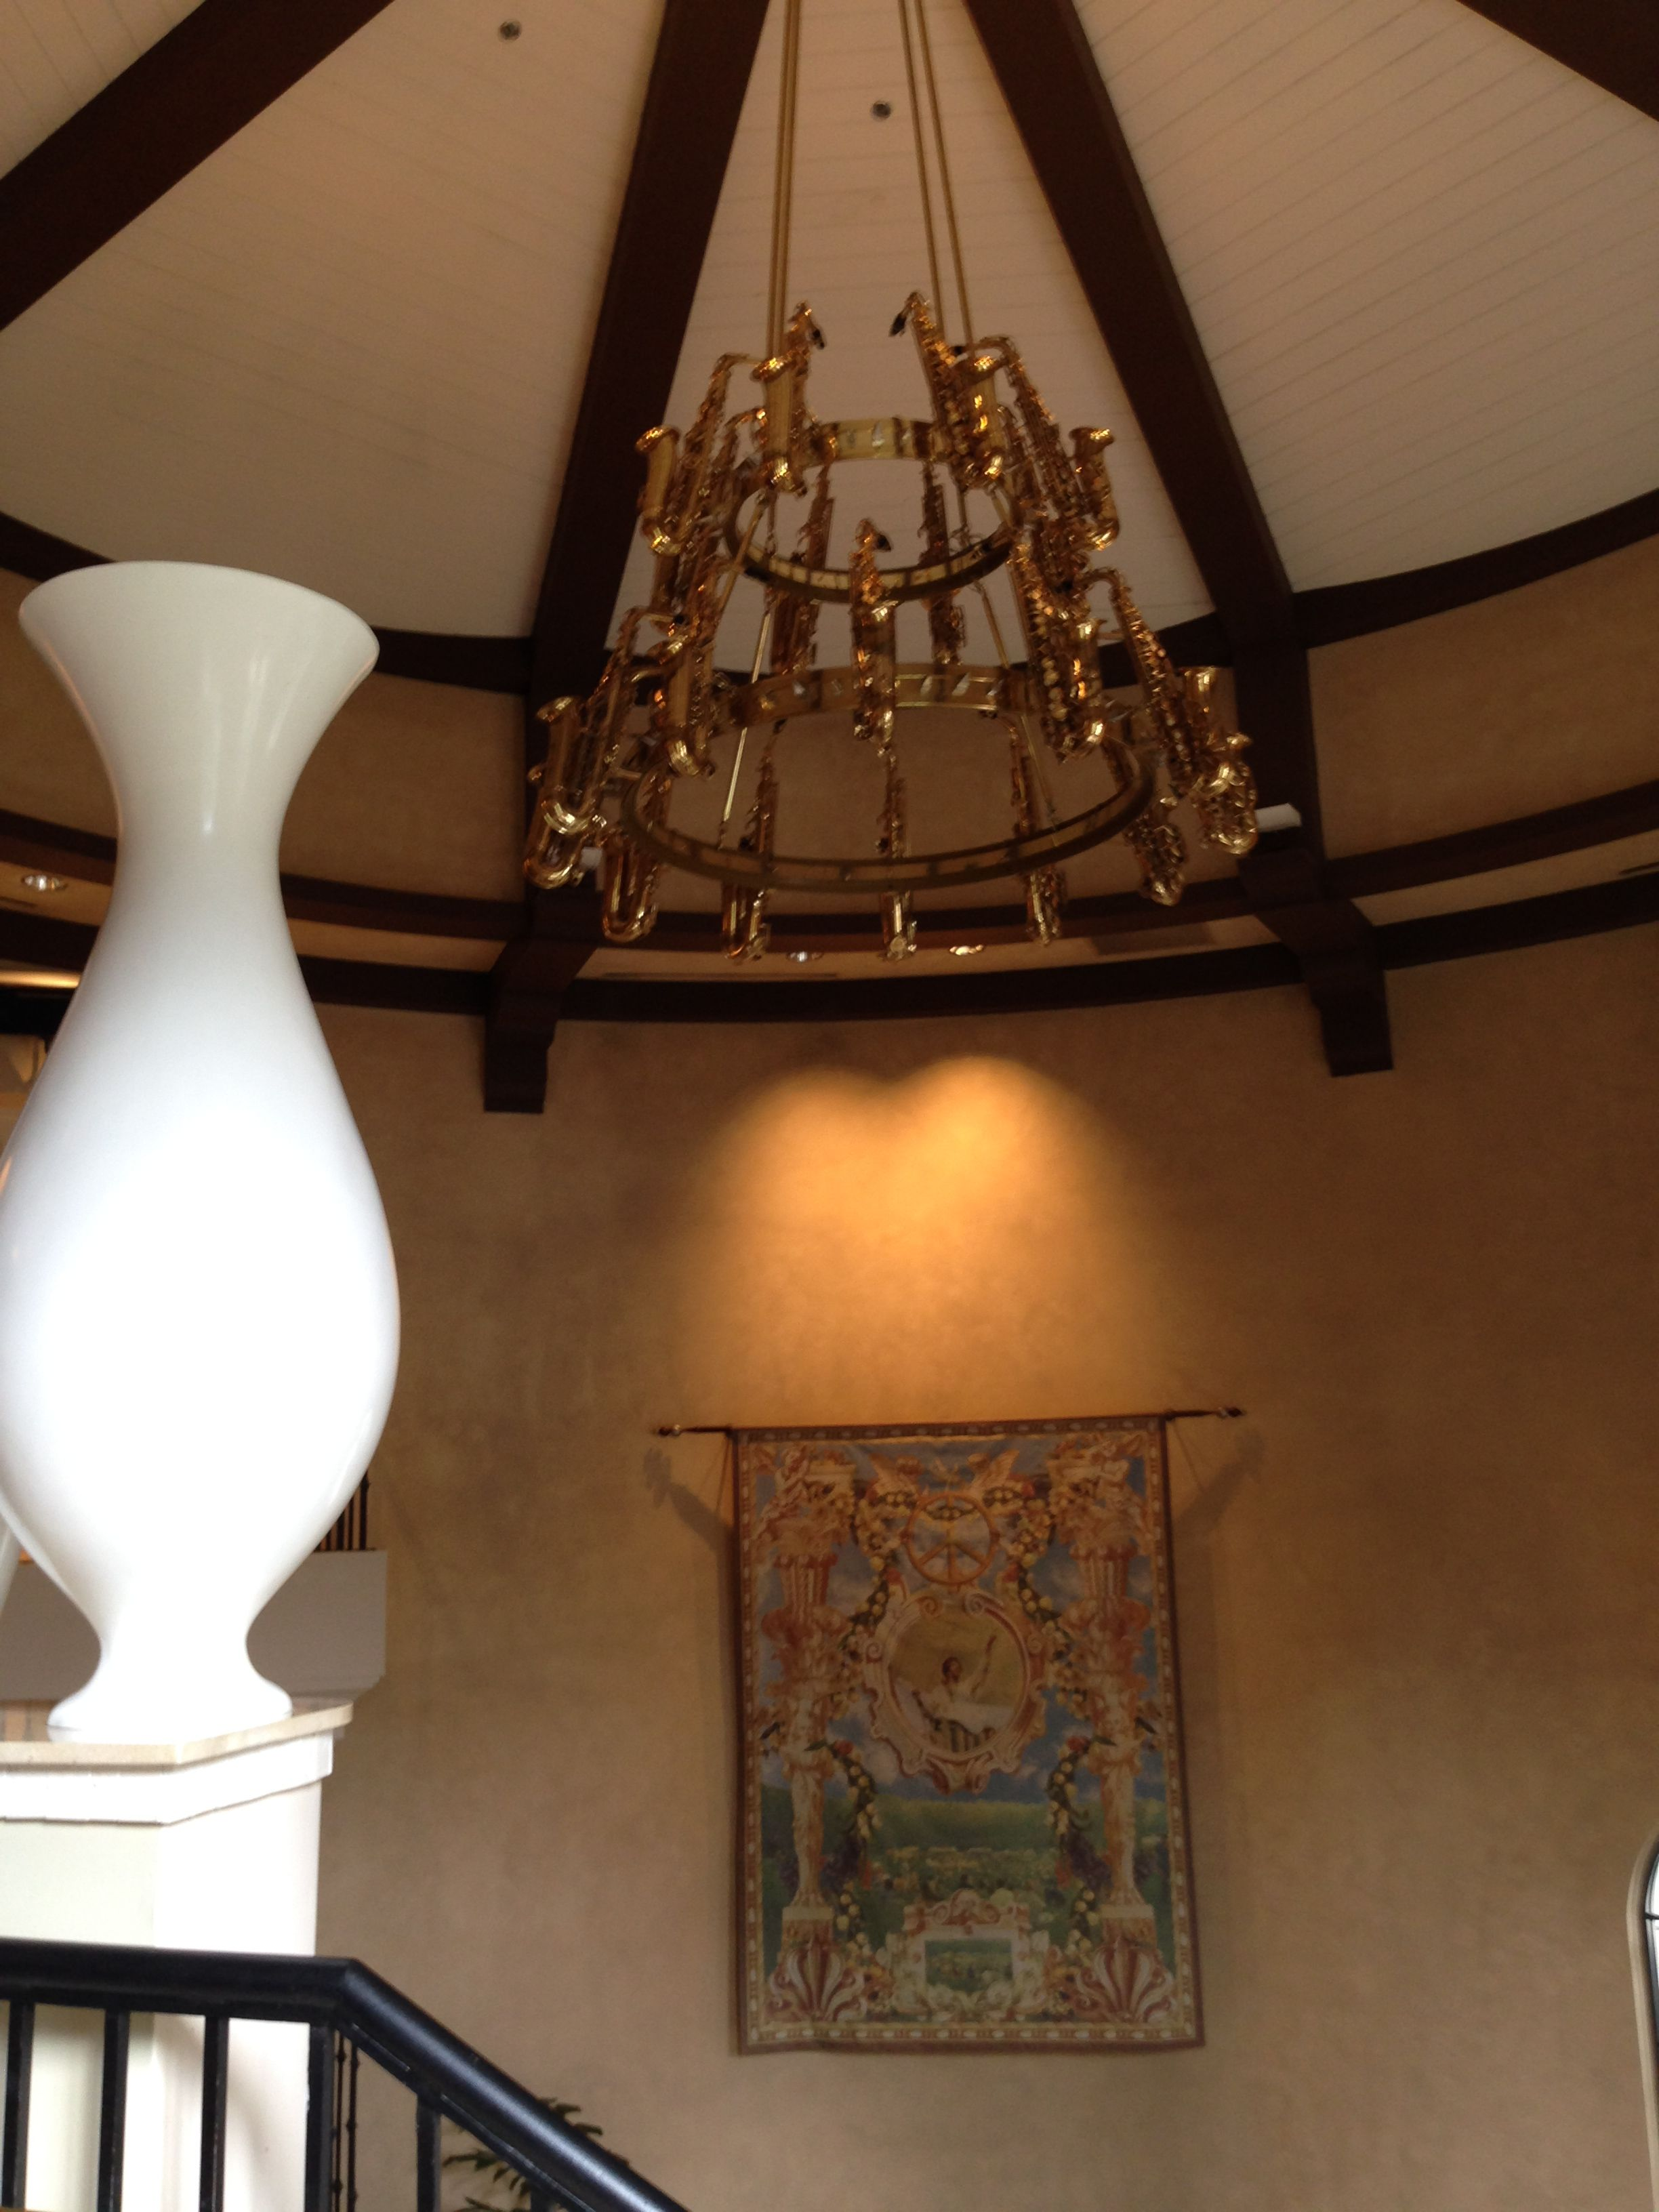 Saxophone chandelier en route to the kitchen at universals hard saxophone chandelier en route to the kitchen at universals hard rock hotel orlando fl usa arubaitofo Choice Image